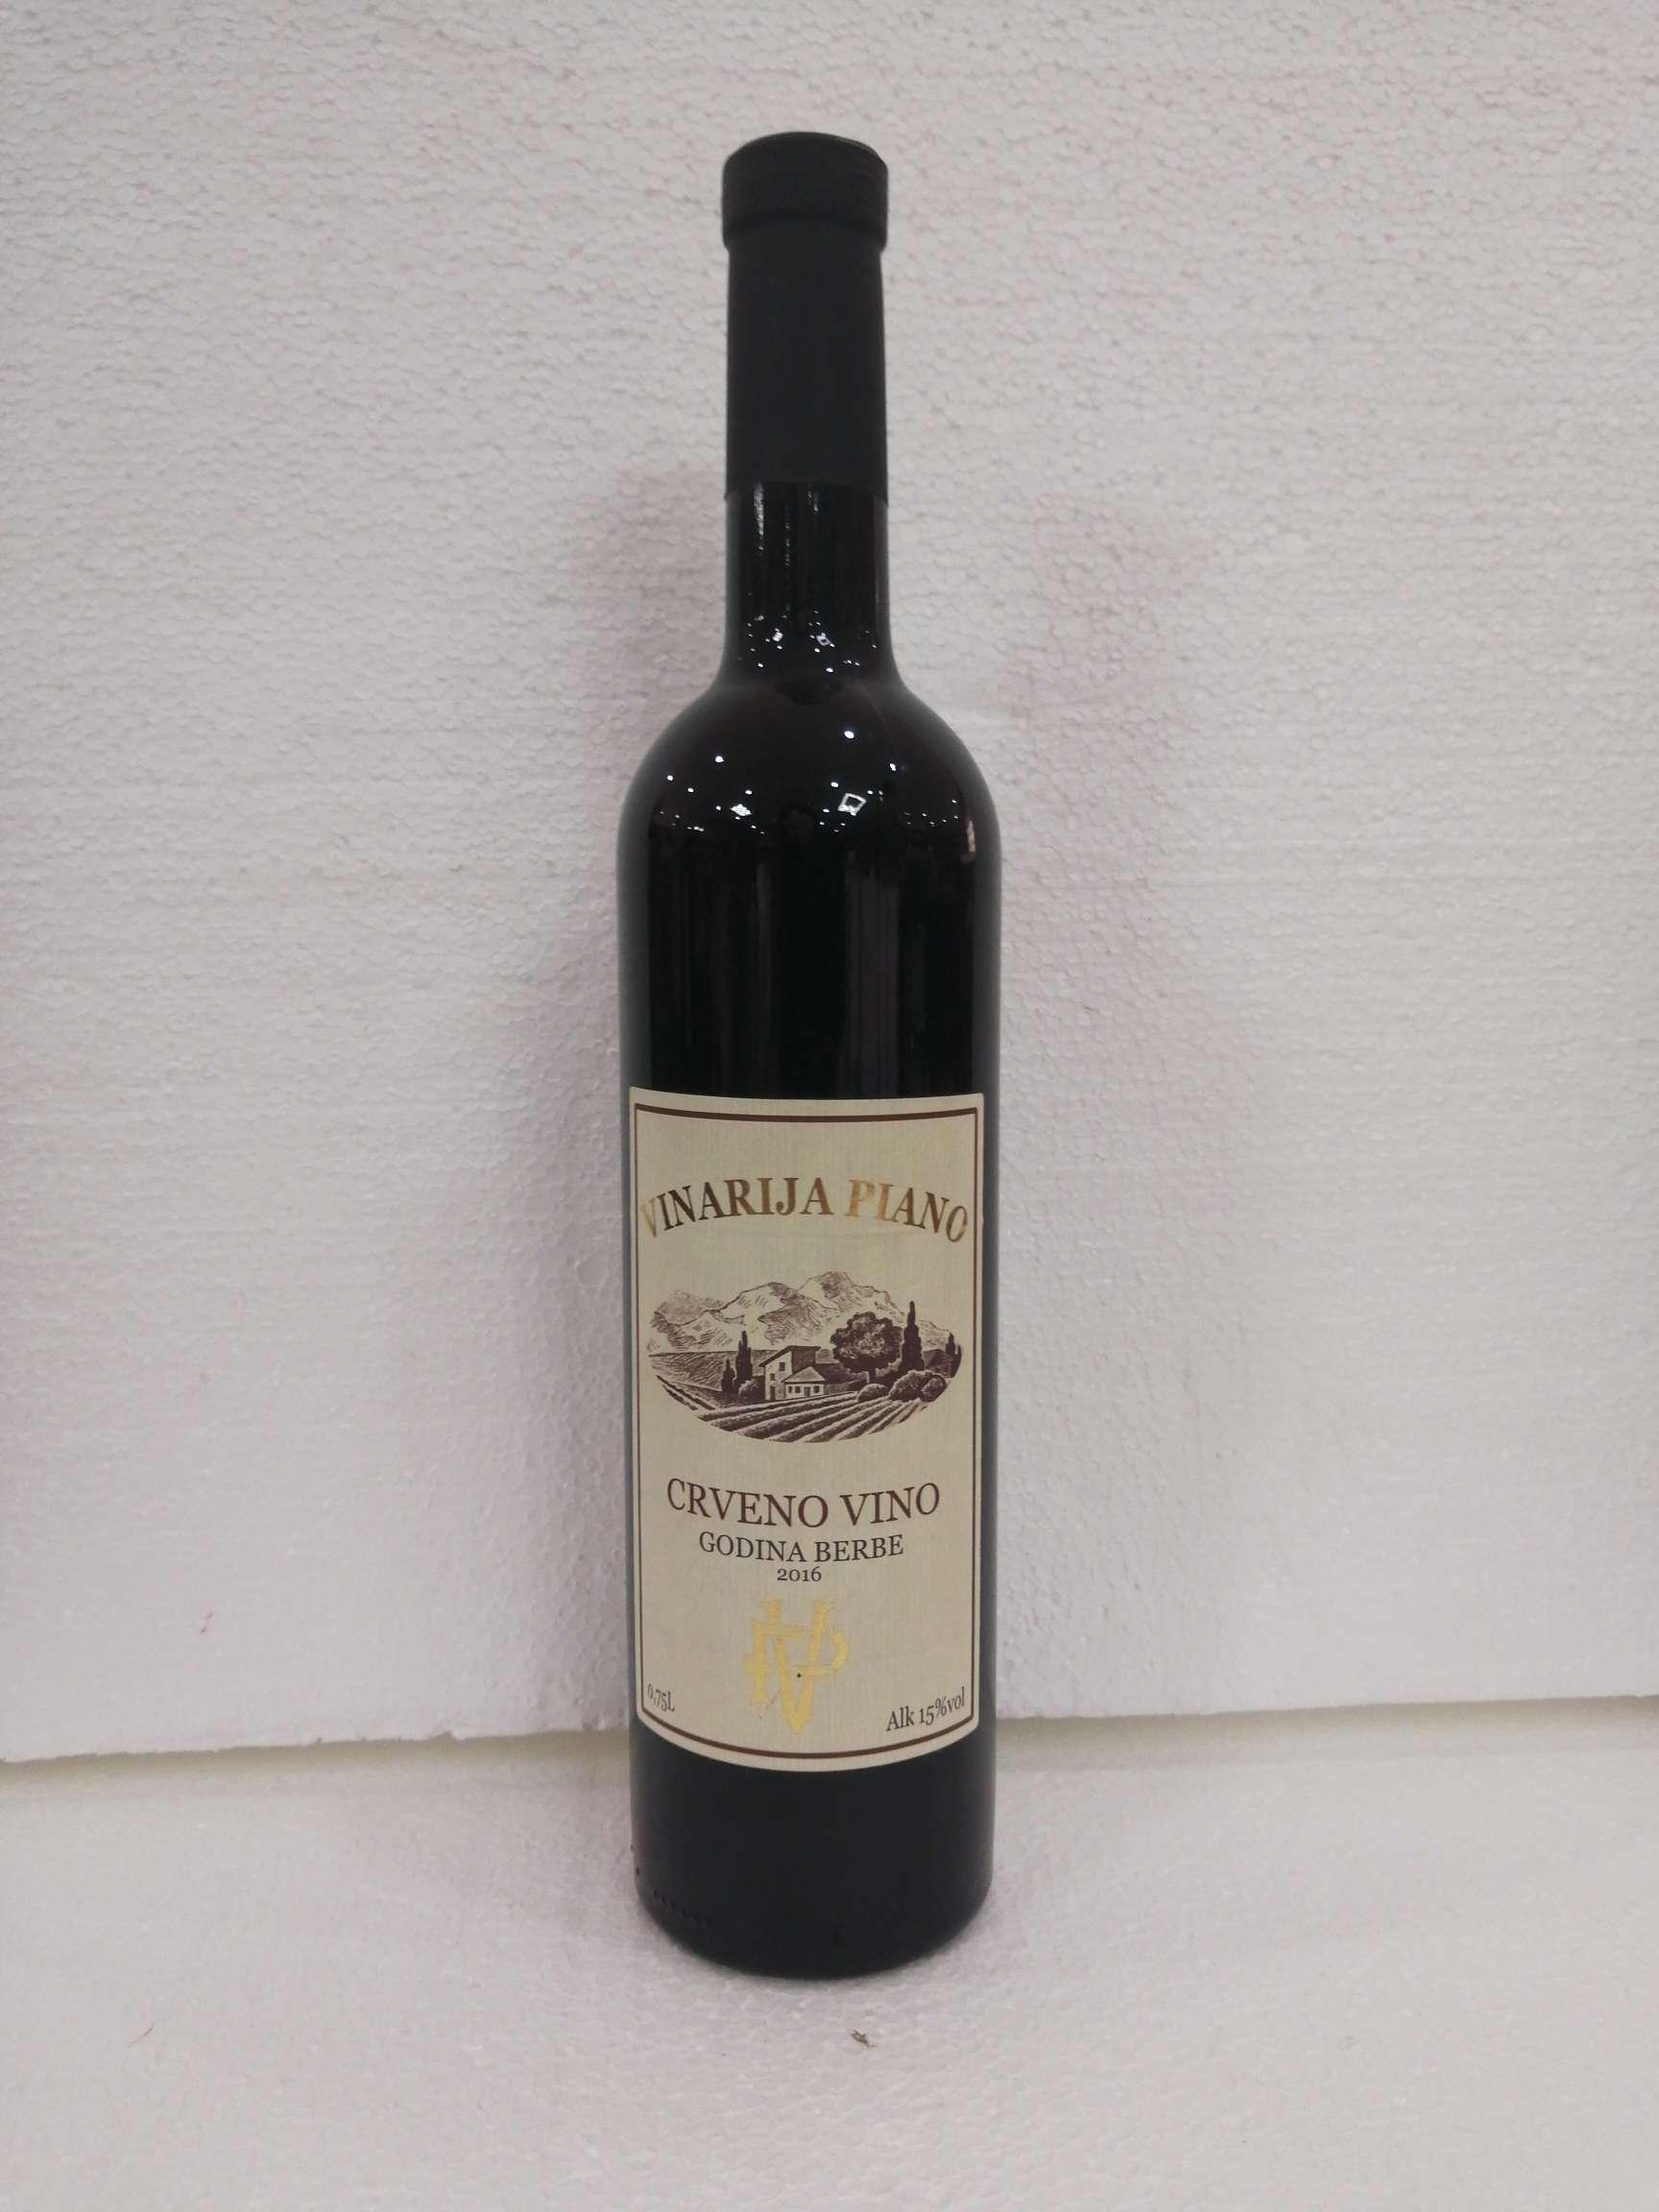 乔纳普诺干红葡萄酒